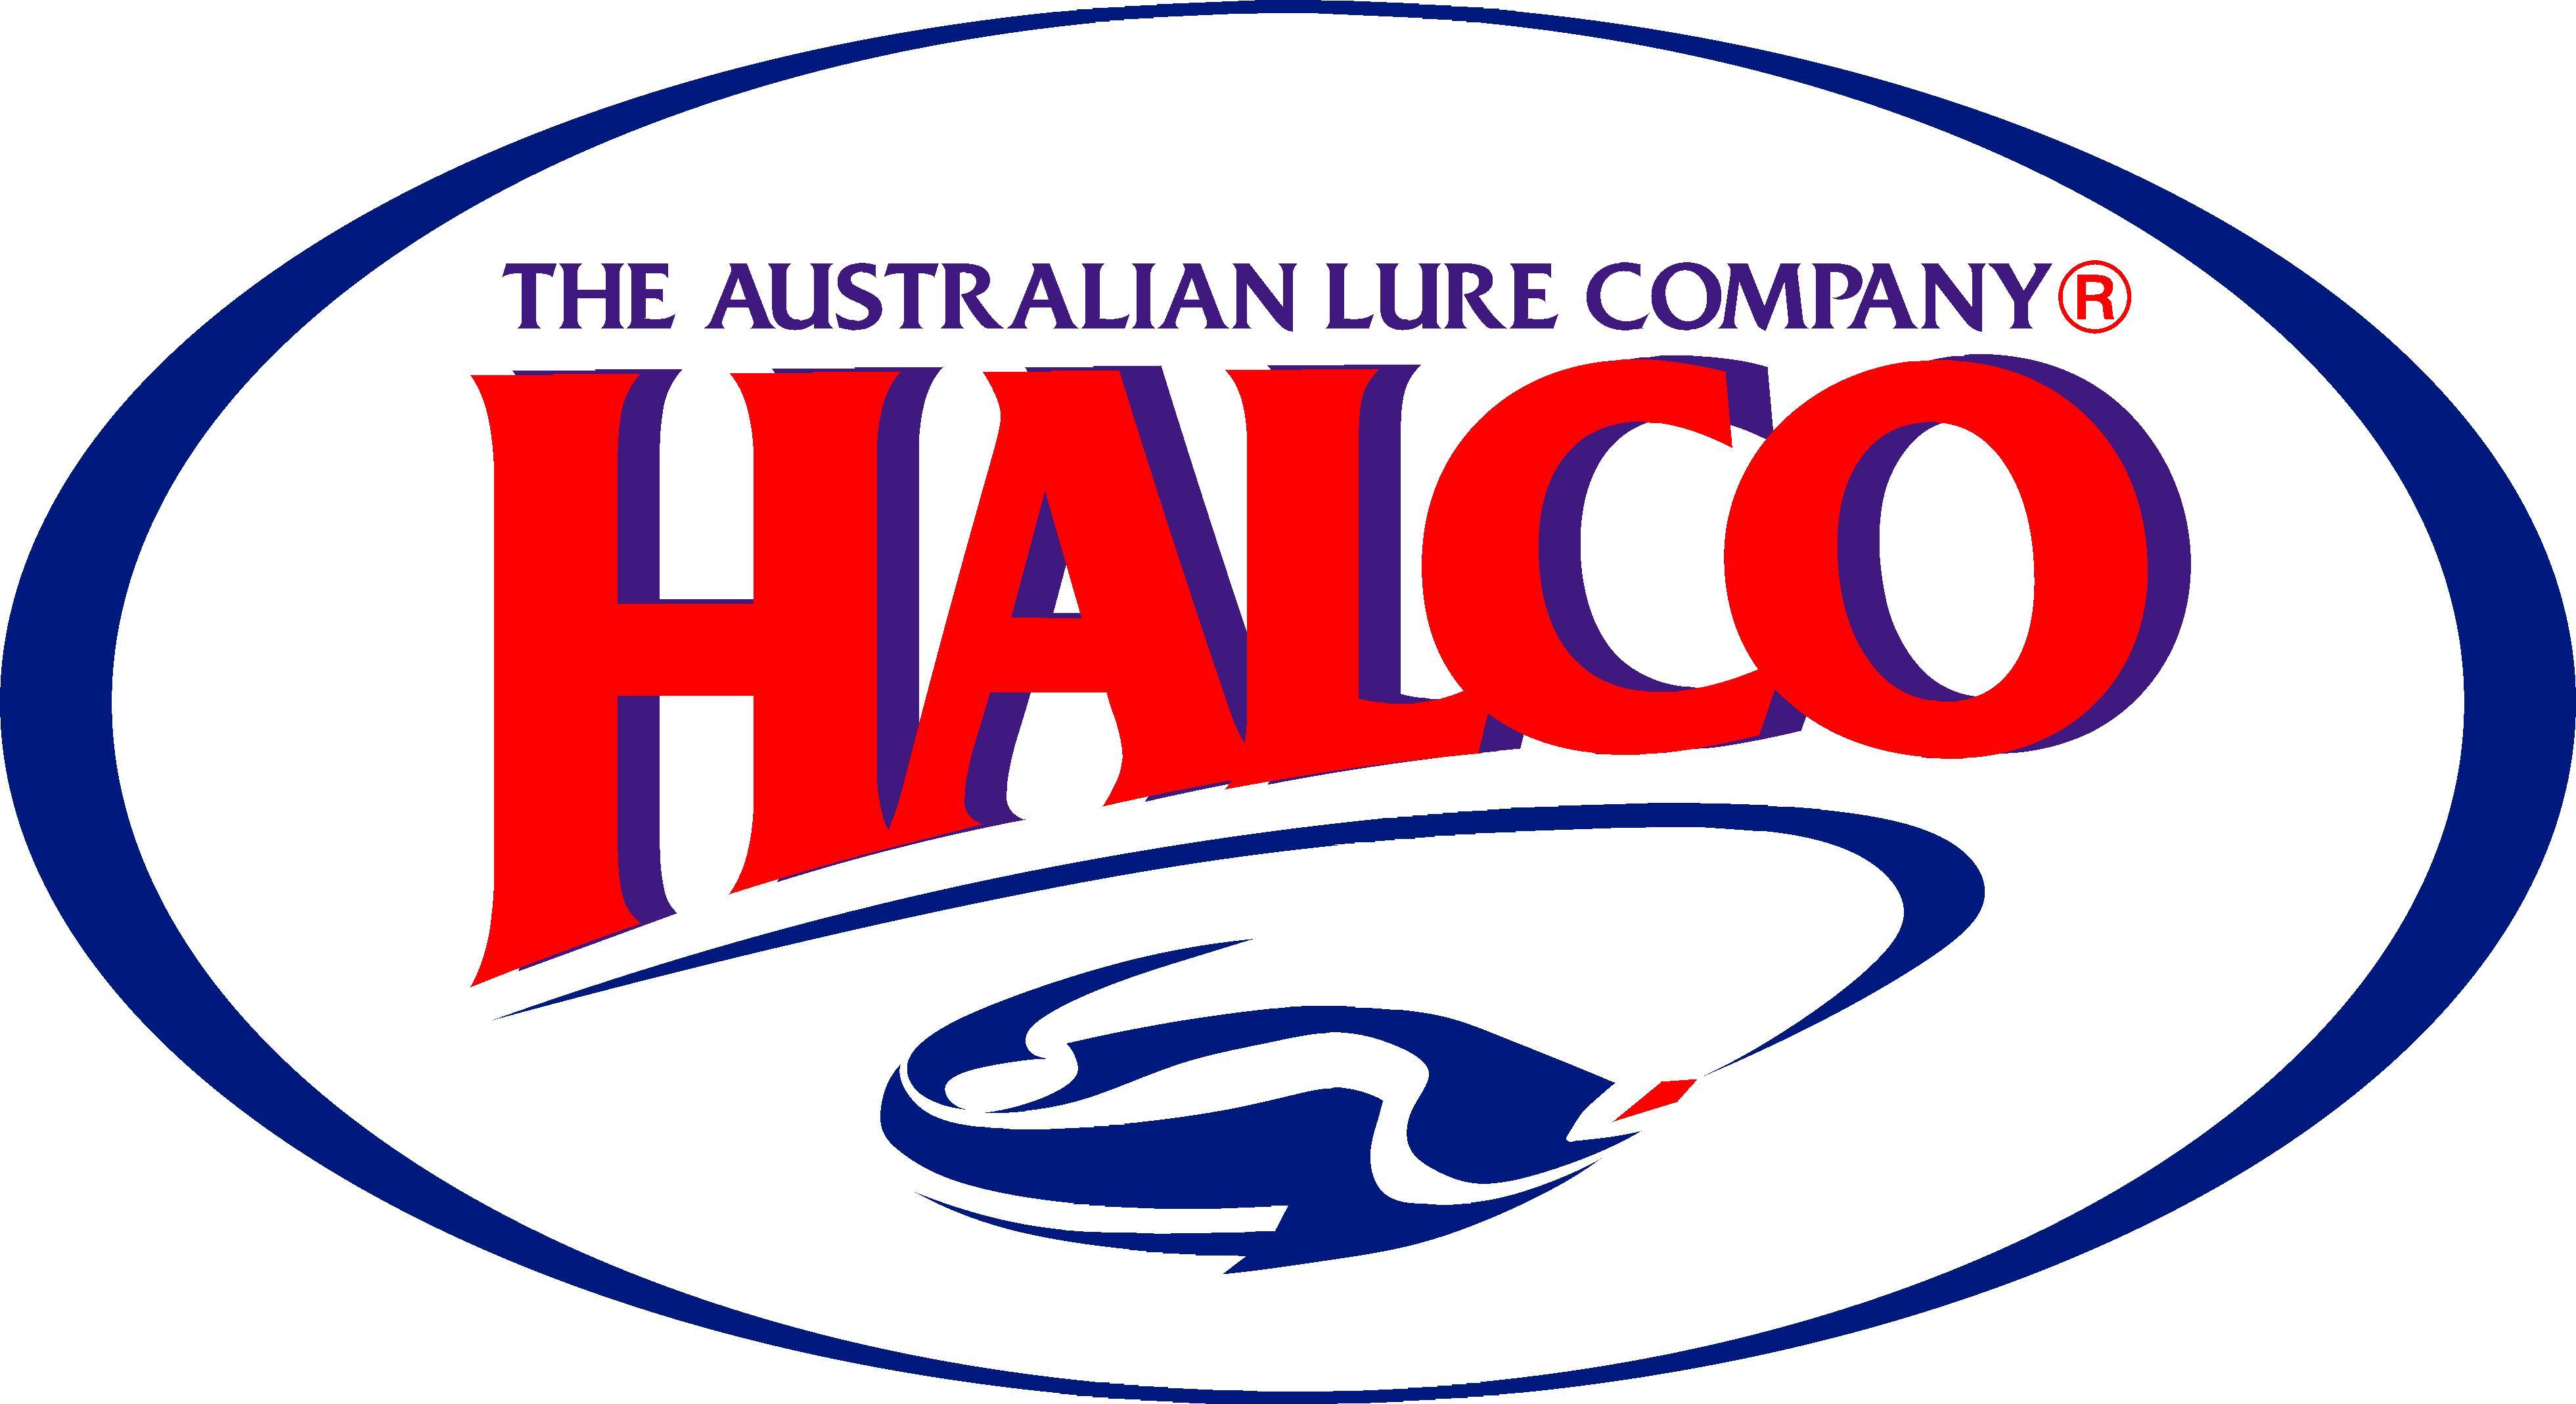 HALCO (Халко)